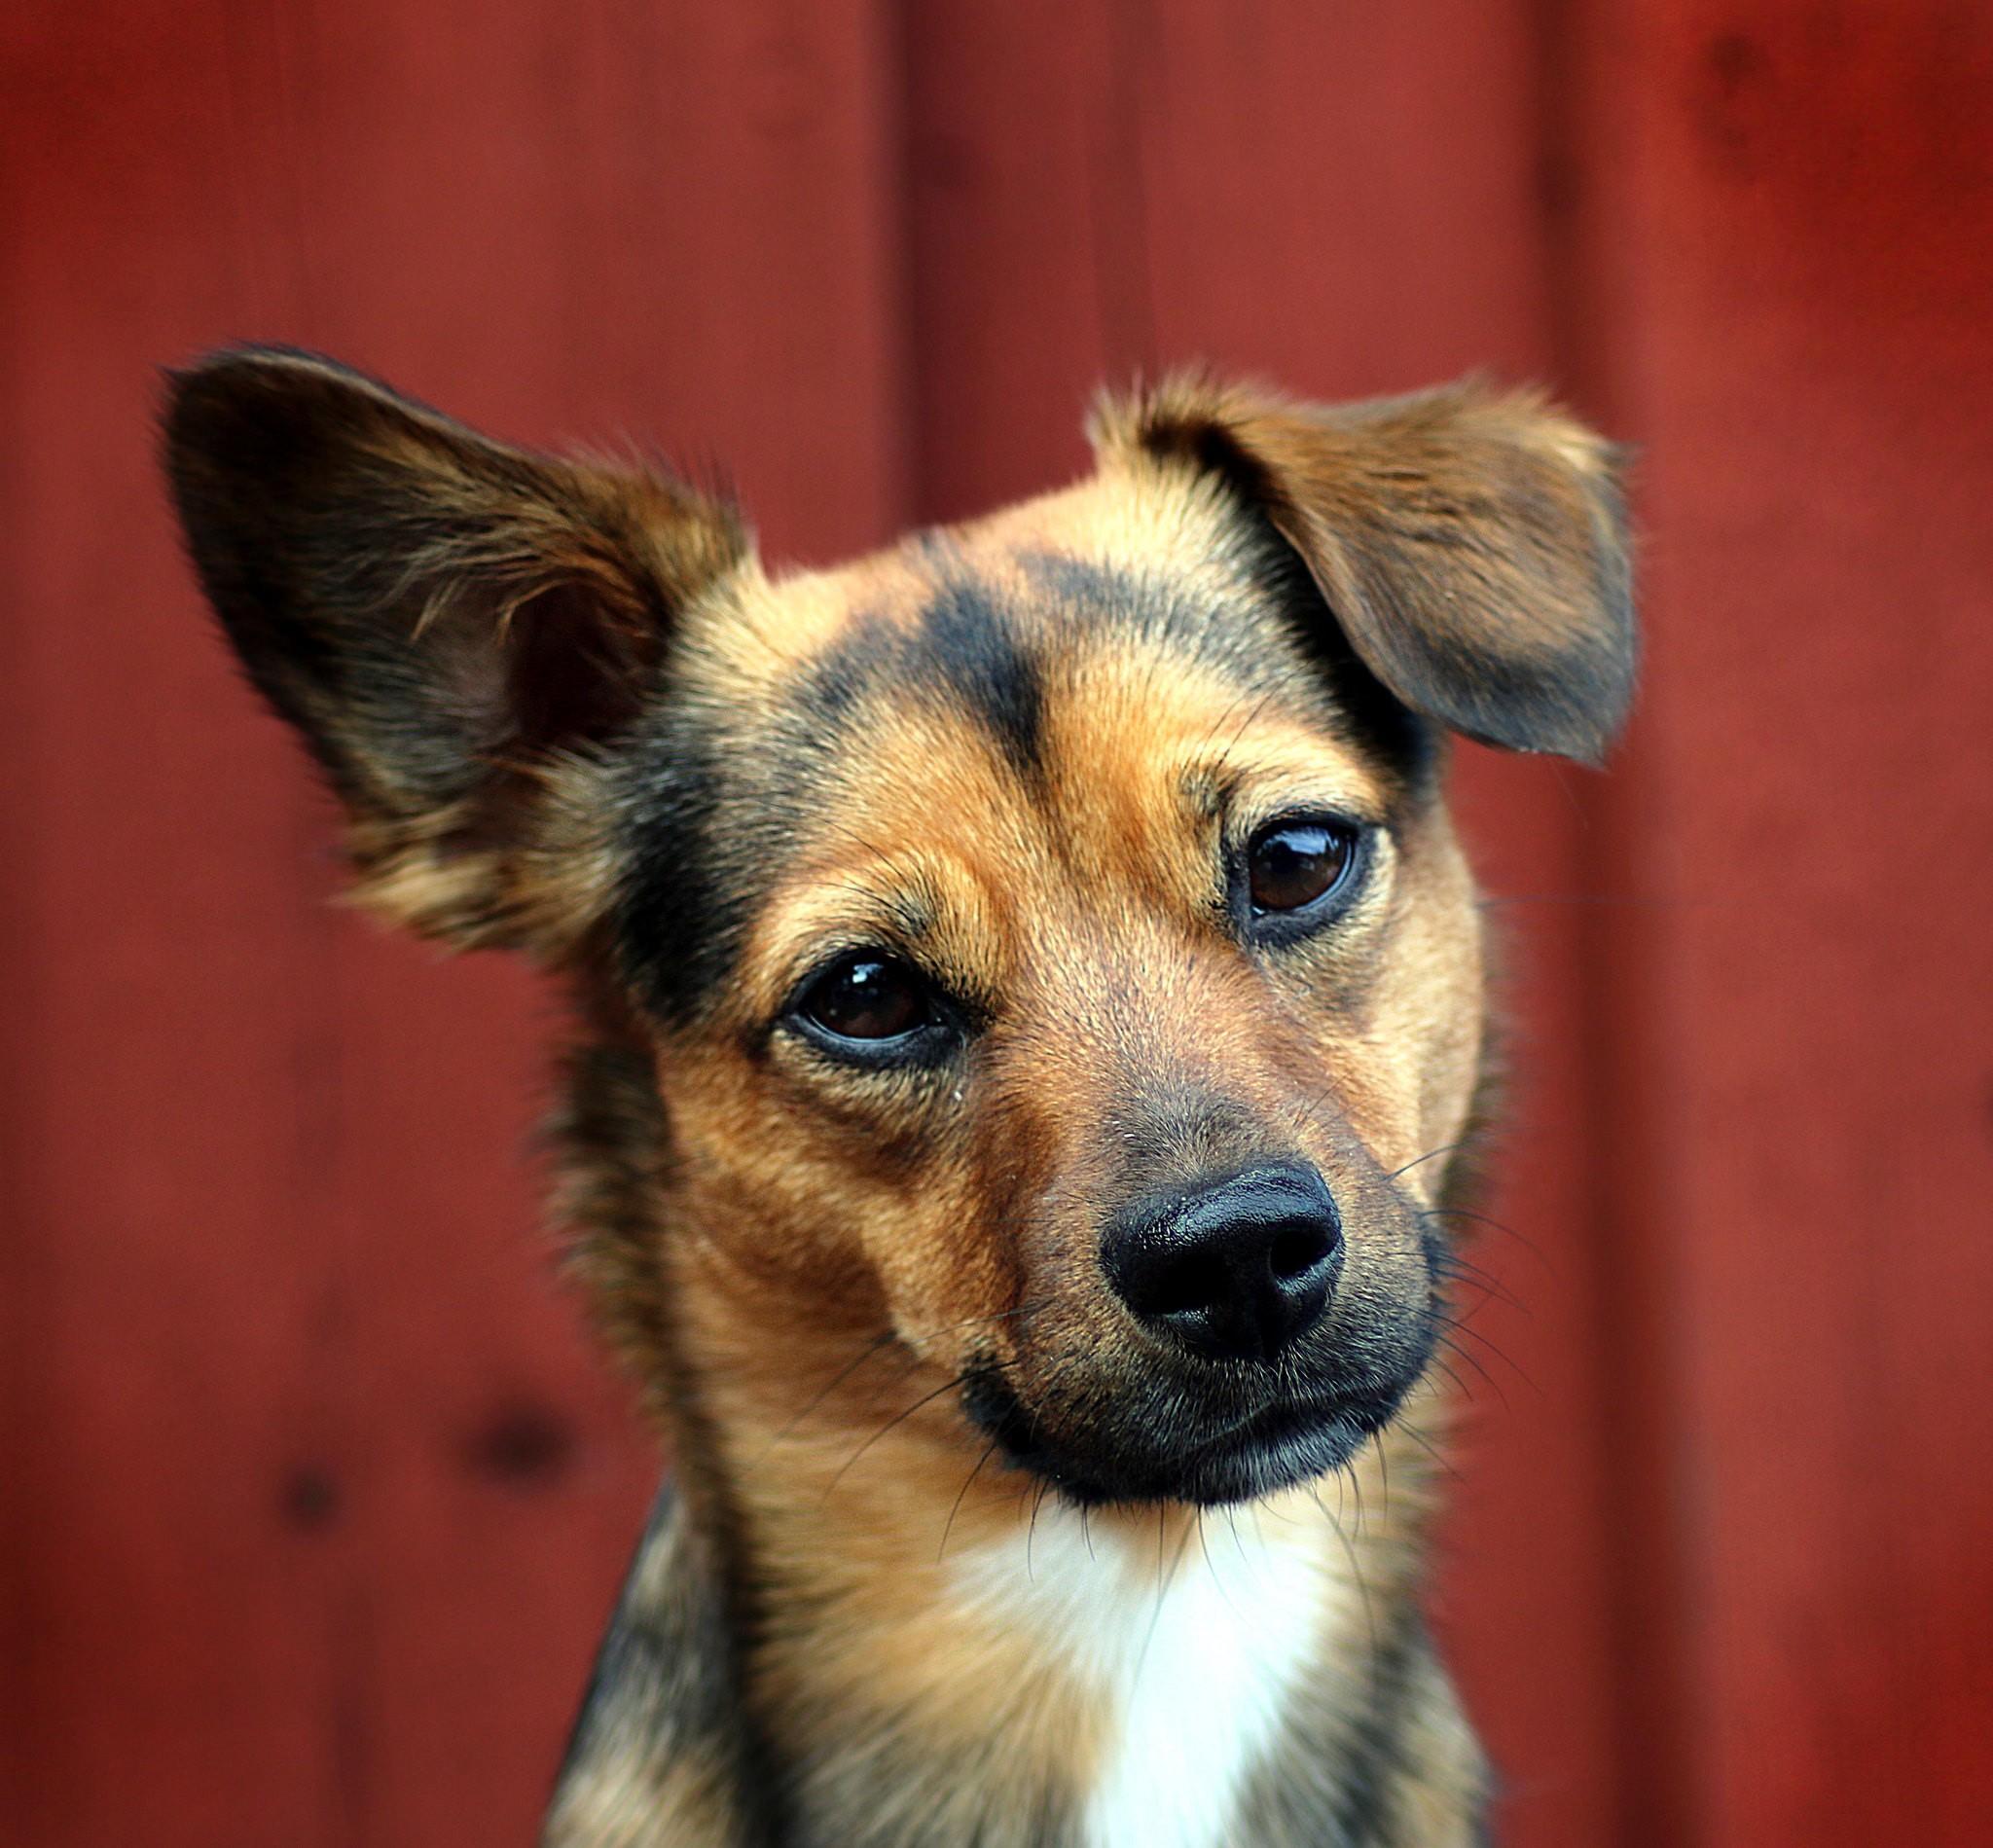 Pesquisadores esperam, no futuro, treinar os cães para alertar os donos antes de uma convulsão acontecer  (Foto: Henric Silversnö/ Flickr/ CC)